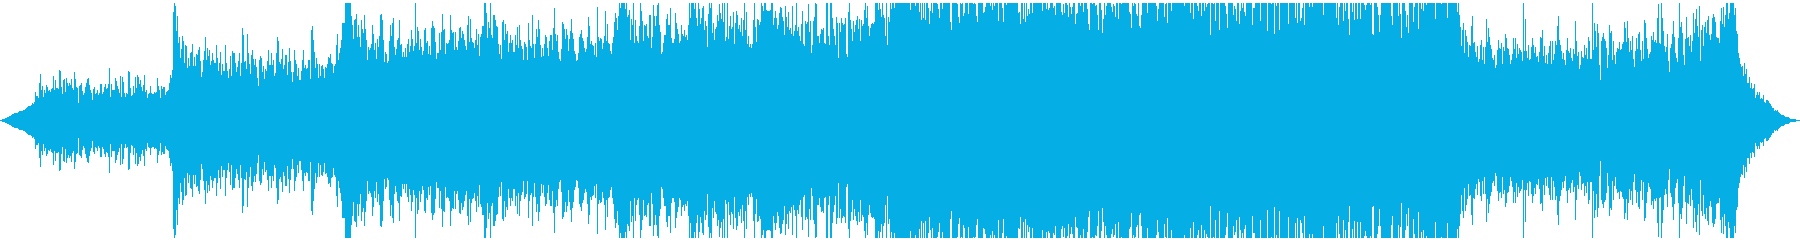 現代的 交響曲 クラシック 広い ...の再生済みの波形